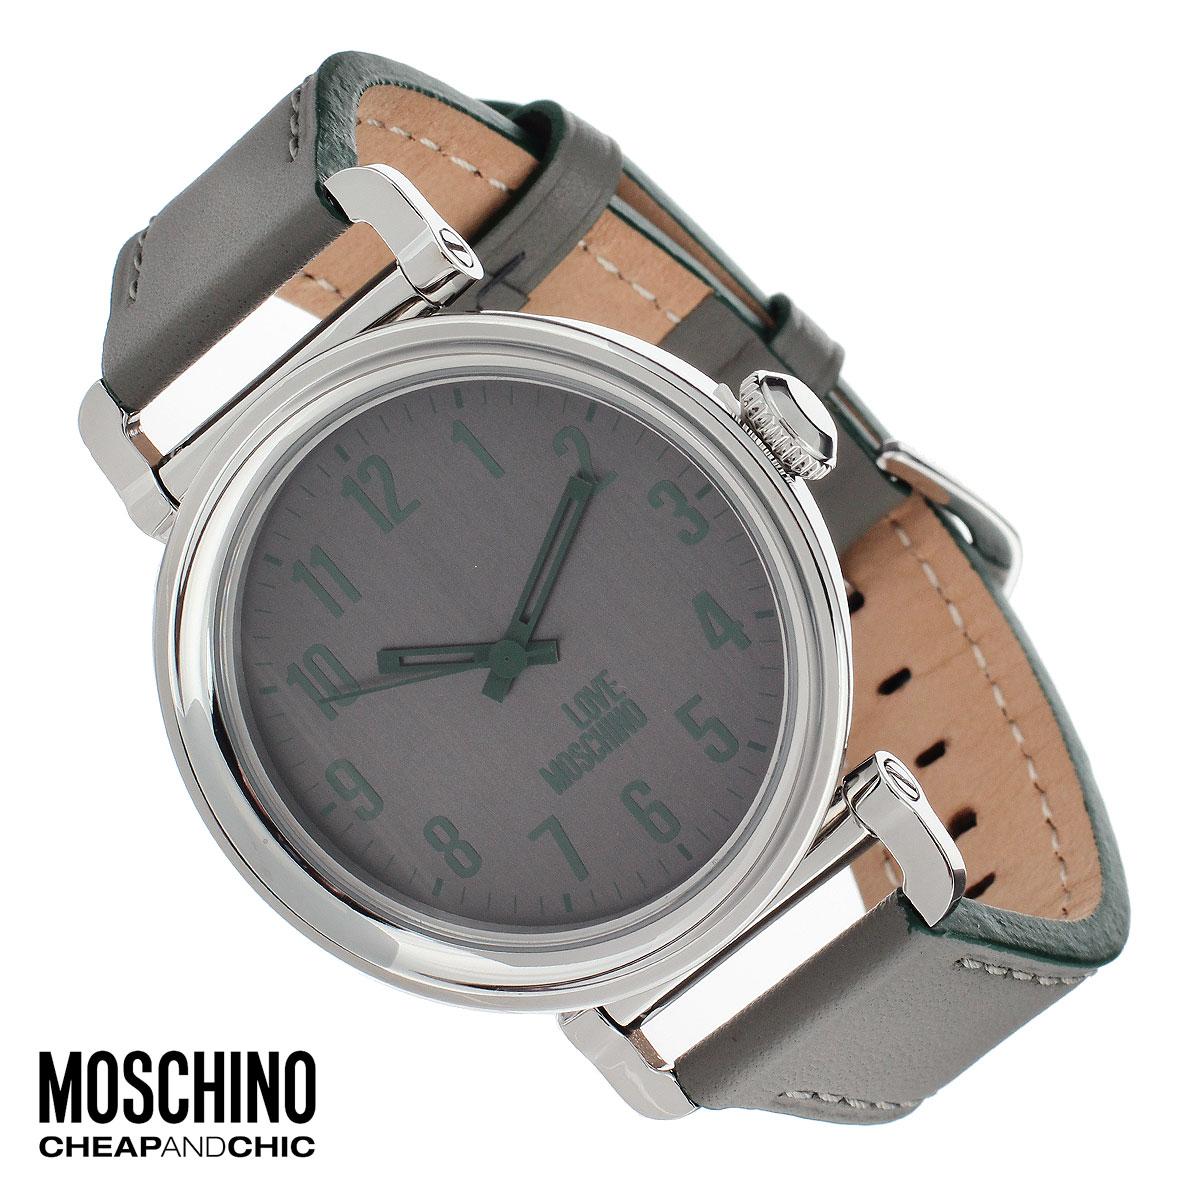 """Часы женские наручные Moschino, цвет: серый. MW0451BM8434-58AEНаручные часы от известного итальянского бренда Moschino - это не только стильный и функциональный аксессуар, но и современные технологи, сочетающиеся с экстравагантным дизайном и индивидуальностью. Часы Moschino оснащены кварцевым механизмом. Корпус выполнен из высококачественной нержавеющей стали. Циферблат с арабскими цифрами оформлен надписью """"Love Moschino"""" и защищен минеральным стеклом. Часы имеют три стрелки - часовую, минутную и секундную. Ремешок часов выполнен из натуральной кожи и имеет классическую застежку. Часы упакованы в фирменную металлическую коробку с логотипом бренда. Часы Moschino благодаря своему уникальному дизайну отличаются от часов других марок своеобразными циферблатами, функциональностью, а также набором уникальных технических свойств.Каждой модели присуща легкая экстравагантность, самобытность и, безусловно, великолепный вкус. Характеристики:Диаметр циферблата: 3,6 см.Размер корпуса: 4,5 см х 4,5 см х 1 см.Длина ремешка (с корпусом): 26,5 см.Ширина ремешка: 2 см."""